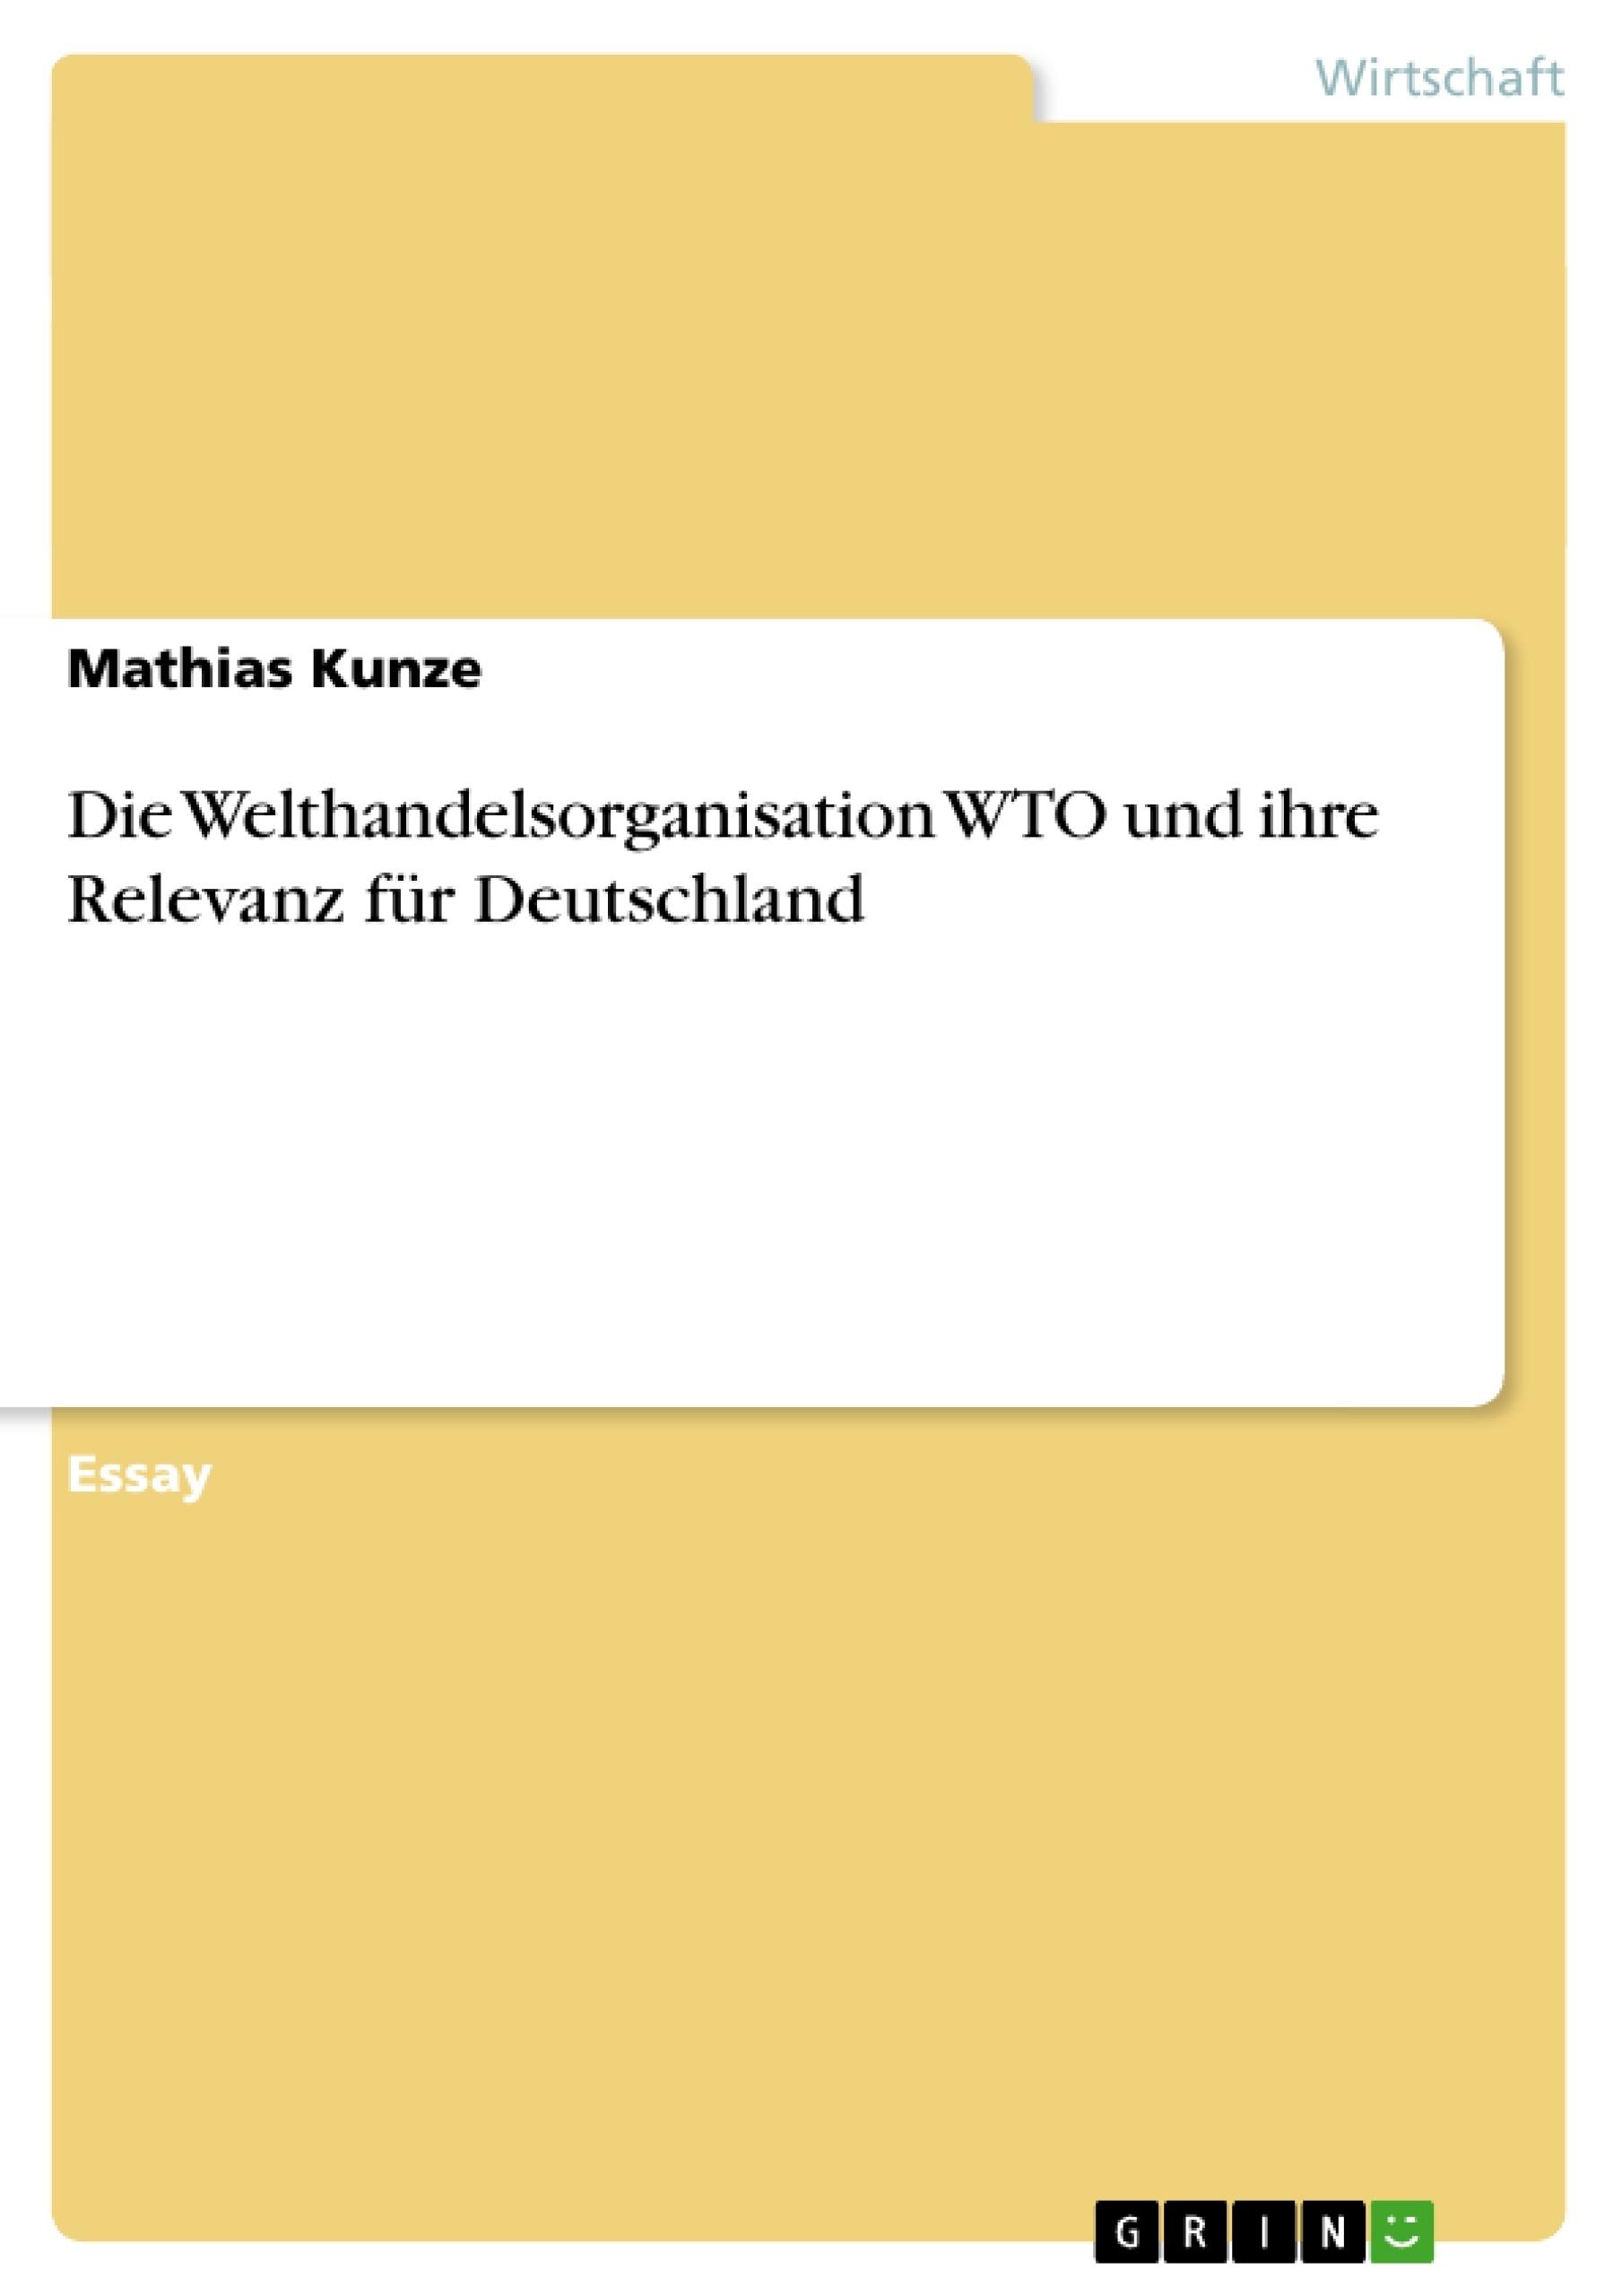 Titel: Die Welthandelsorganisation WTO und ihre Relevanz für Deutschland